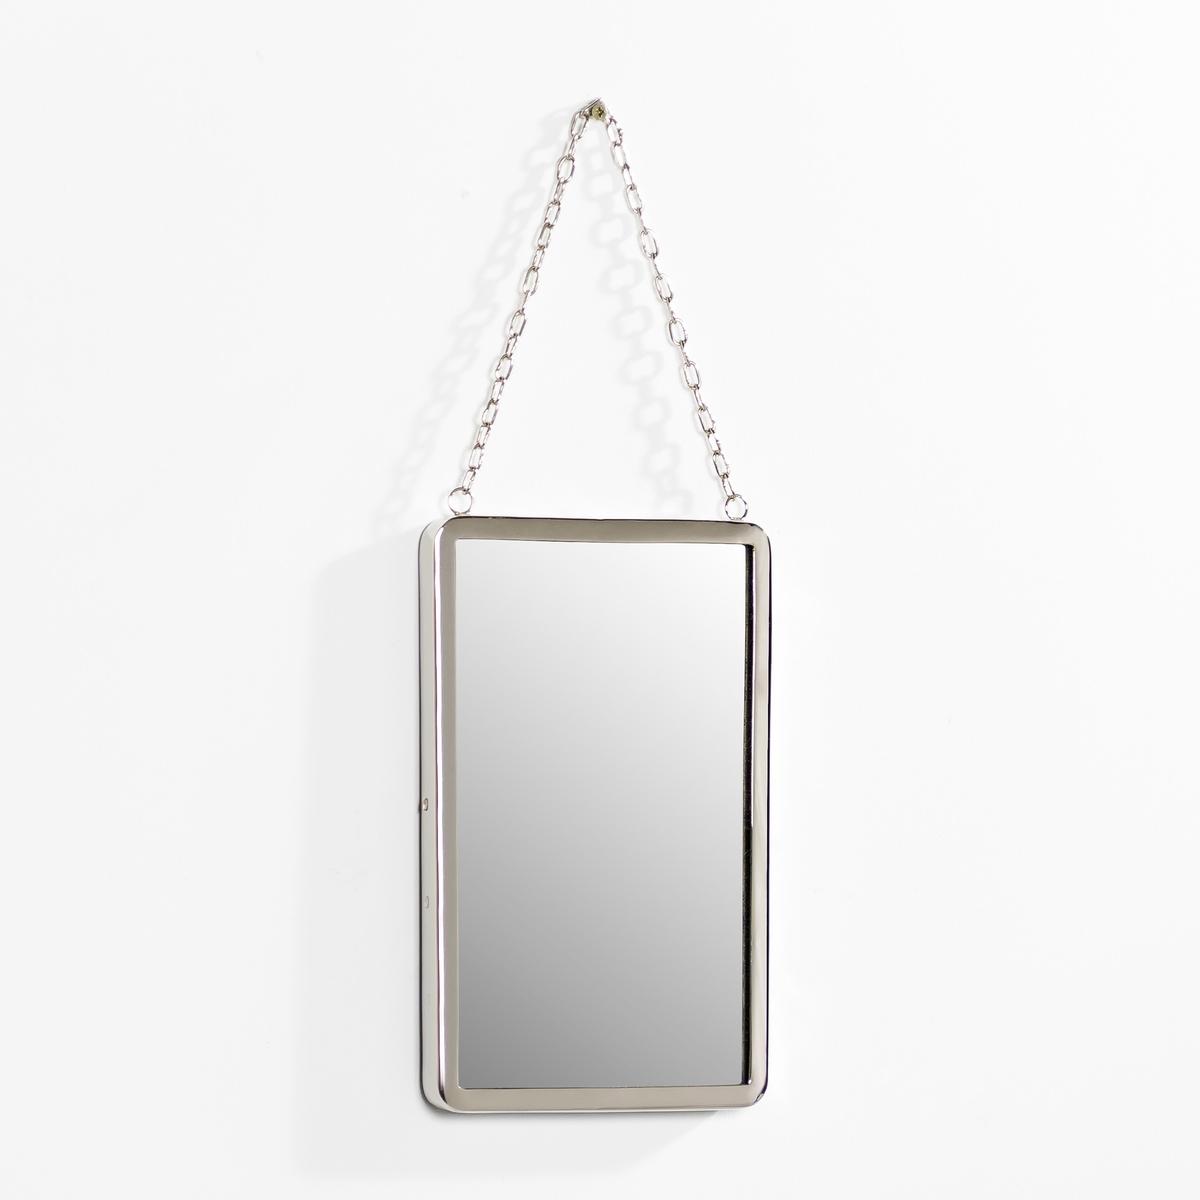 Зеркало прямоугольное, маленькая модель Д17,5 см, Barbier